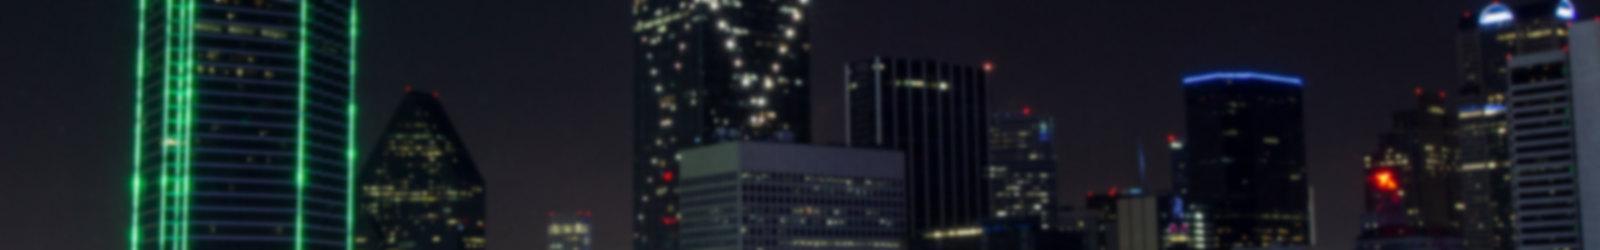 Dallas ppc